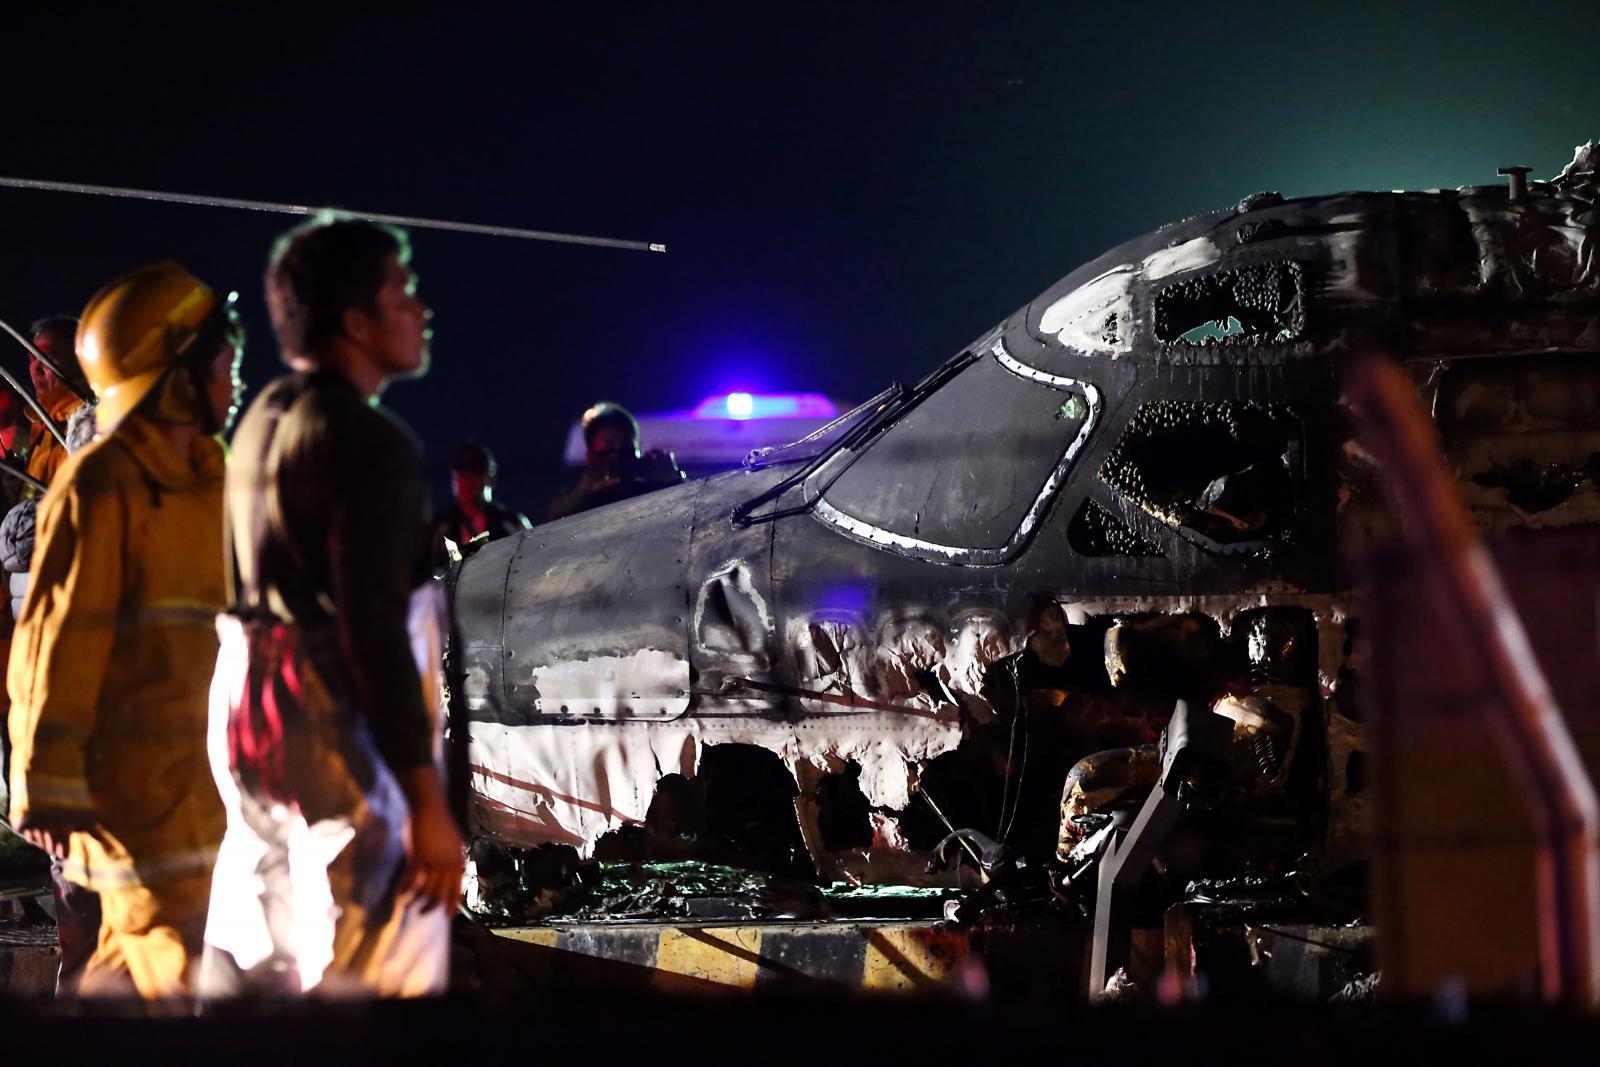 เครื่องบินขนผู้ป่วยระเบิดในสนามบินฟิลิปปินส์ ดับยกลำ 8 ศพ